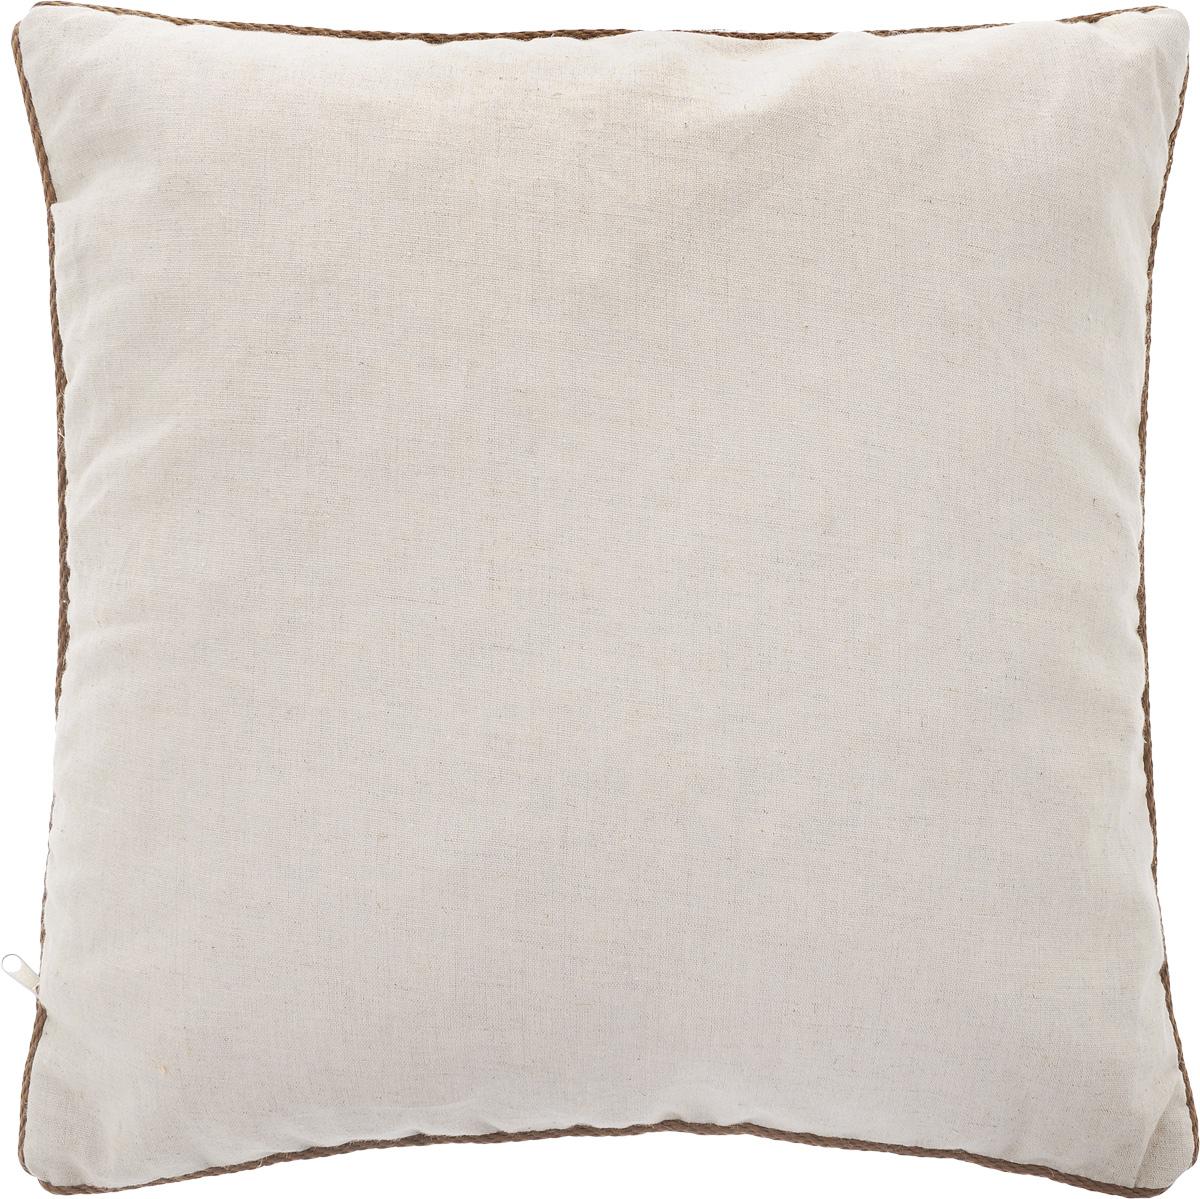 Подушка Smart Textile Кедровый сон, наполнитель: кедровая стружка, 40 х 40 смBH-UN0502( R)Подушка «Кедровый сон» - заслуженно уникальная вещь, подходящая для каждой спальни. Наполнителем в такой подушке является стружка древесины кедра. Это не просто остаточный материал от обработки дерева, а специальная чистовая кедровая стружка. Она содержит фитонциды - природные активные вещества, которые сдерживают рост вредных бактерий и убивают их. Воздух в вашей спальне будет чистым и свежим, а сон здоровым и крепким, что особенно важно в современном полном стрессов мире. Отдых на таких подушках восстановит ваш энергетический баланс и сделает ваш день более продуктивным и насыщенным. Помимо этого улучшается общее самочувствие и укрепляется иммунитет, помогая вашему организму более эффективно бороться с простудными заболеваниями. Подушки из кедровой стружки достаточно жесткие, они хорошо фиксируют голову и шею. Благодаря удобной застежке, вы легко сможете регулировать плотность набивки своей подушки. Внешний чехол выполнен из льна, что делает подушку приятной на ощупь и обеспечивает комфортные условия для полноценного отдыха, а так же обеспечит легкий уход за изделием.